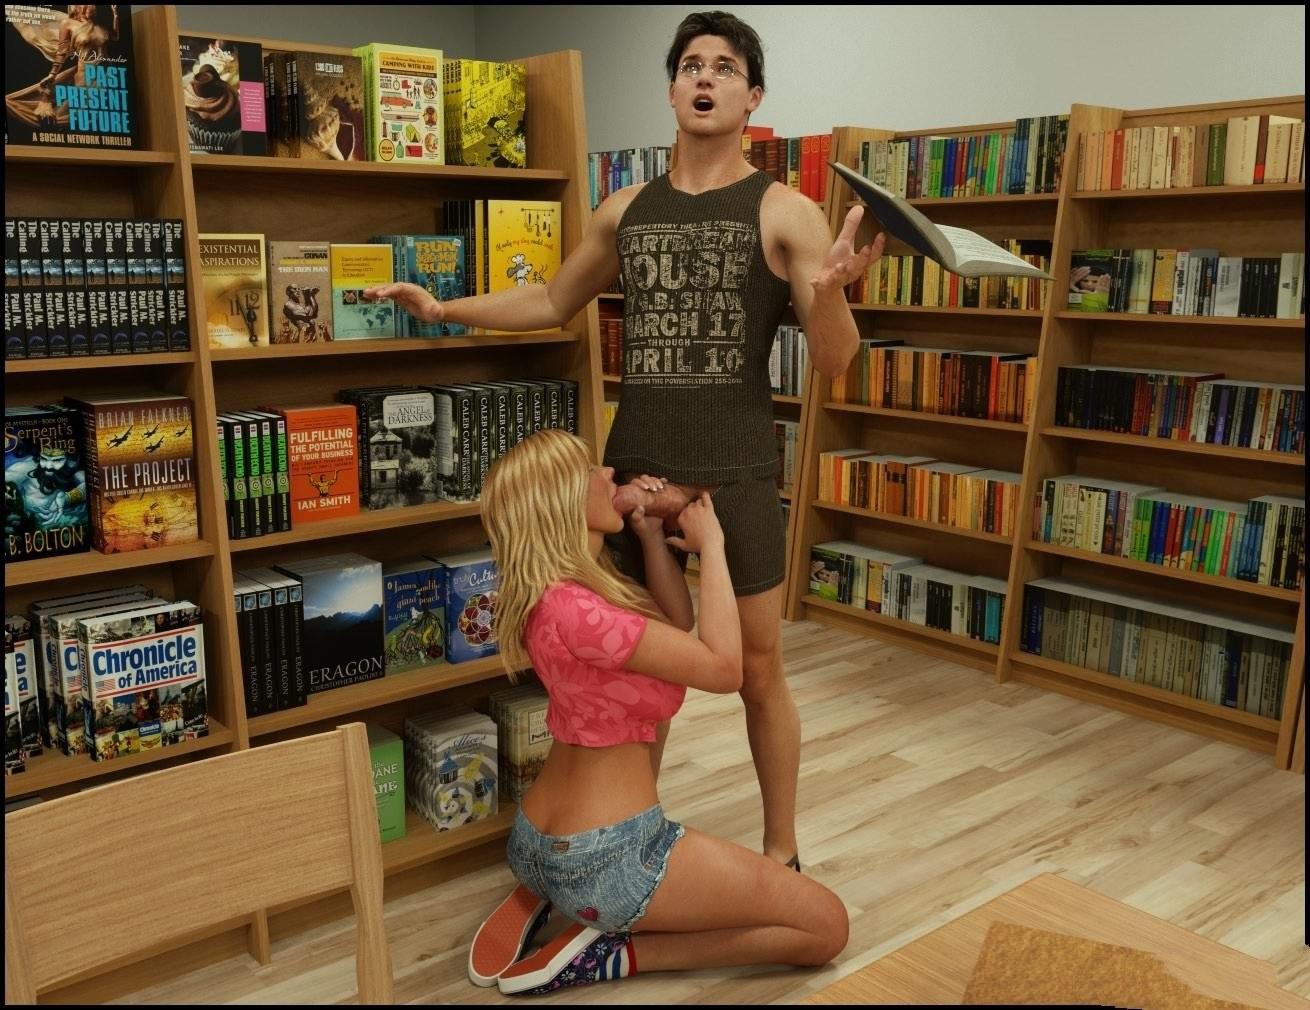 Смотреть порно в библиотеках, русская в библиотеке: порно видео онлайн, смотреть 8 фотография